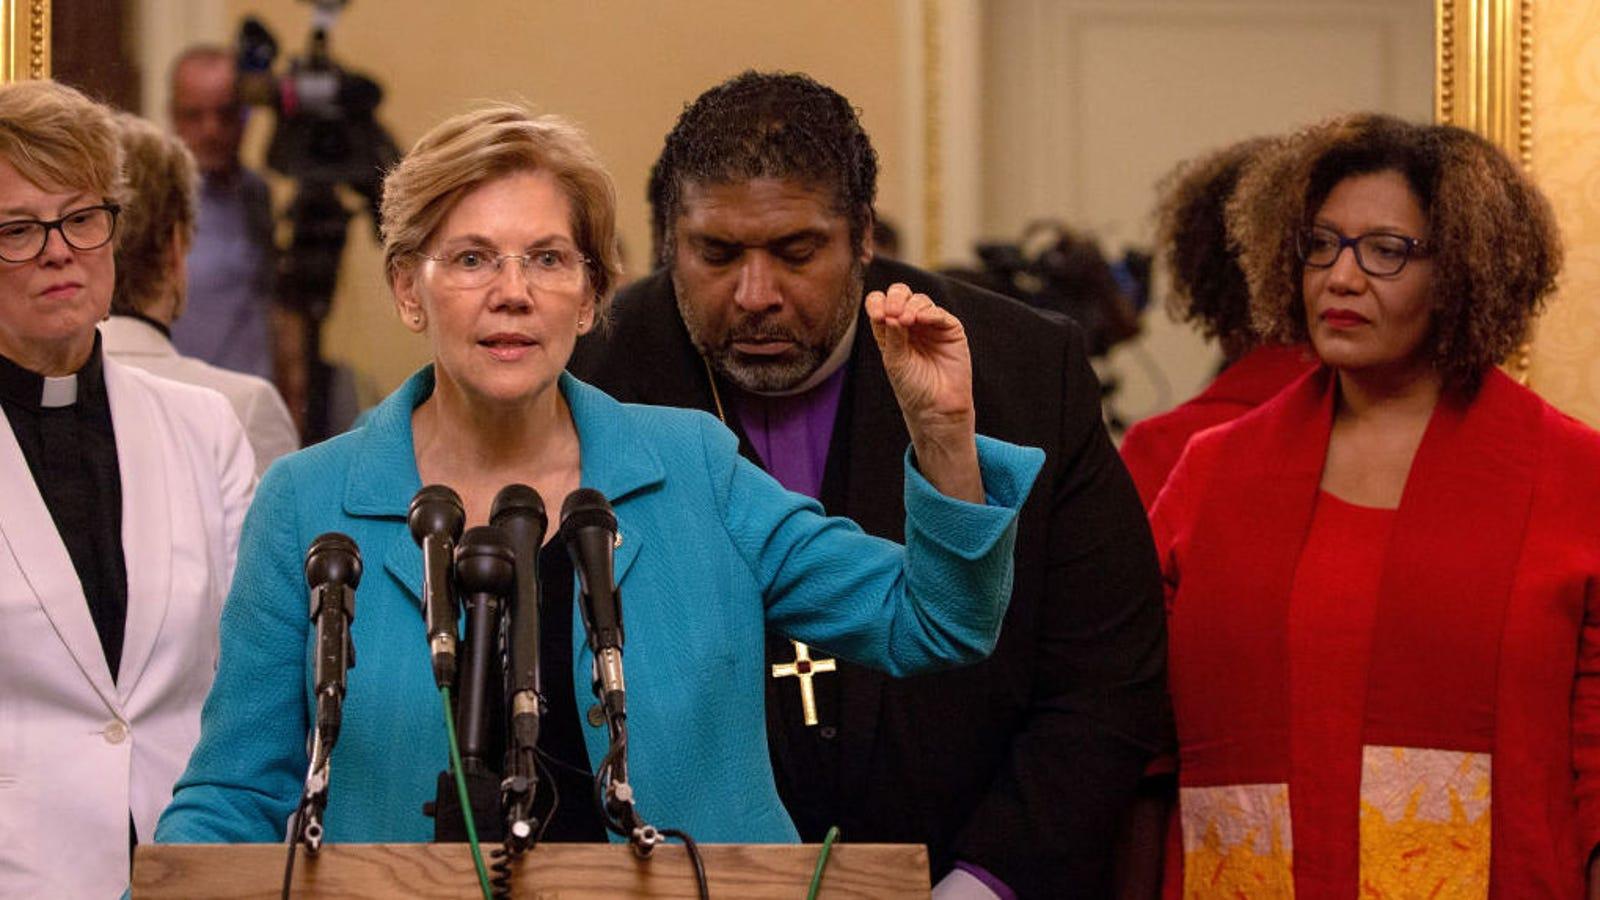 Don't worry, Elizabeth Warren still loves Ballers